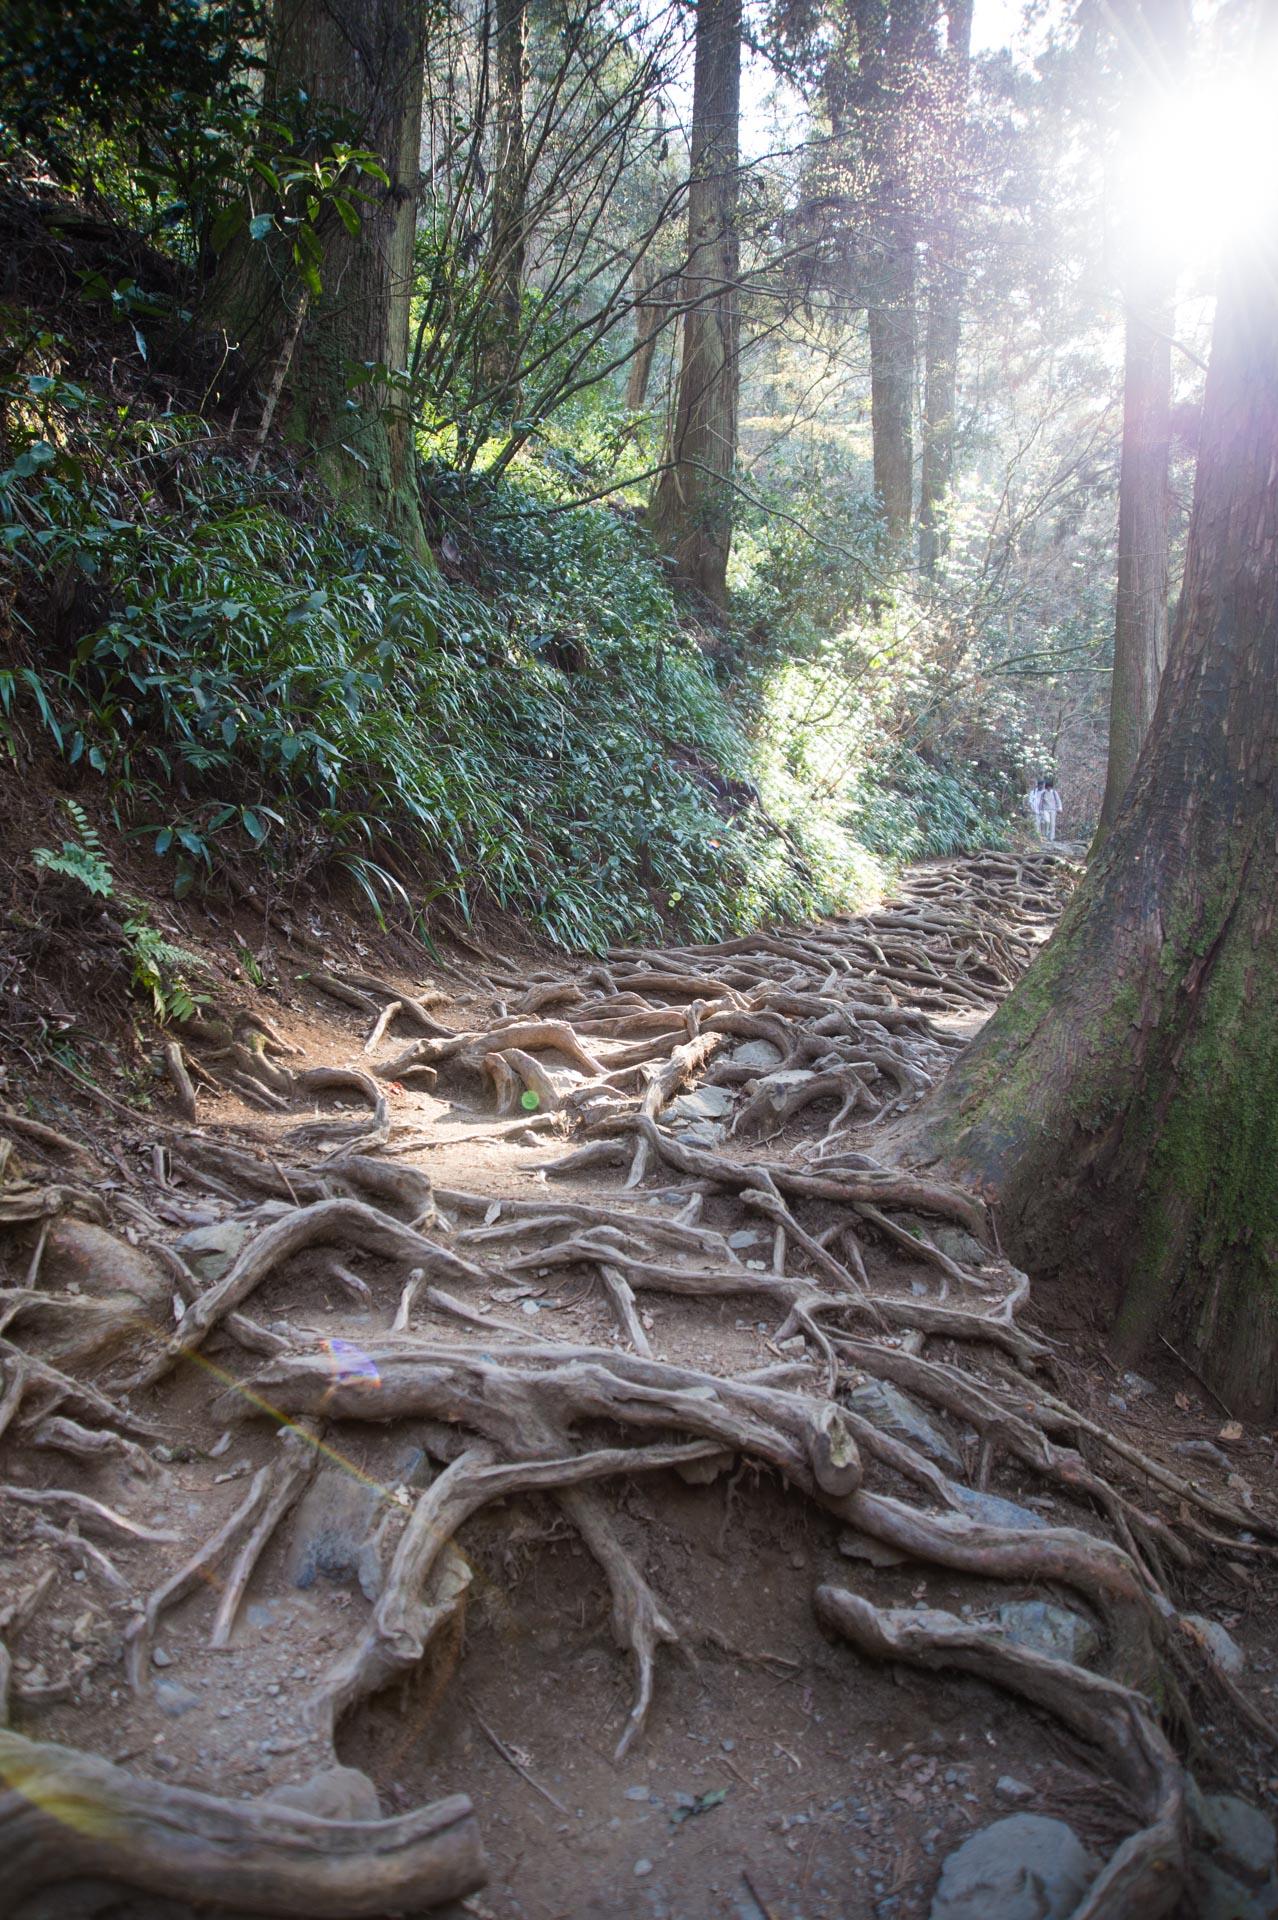 木漏れ日と木の根っこのいばらな道